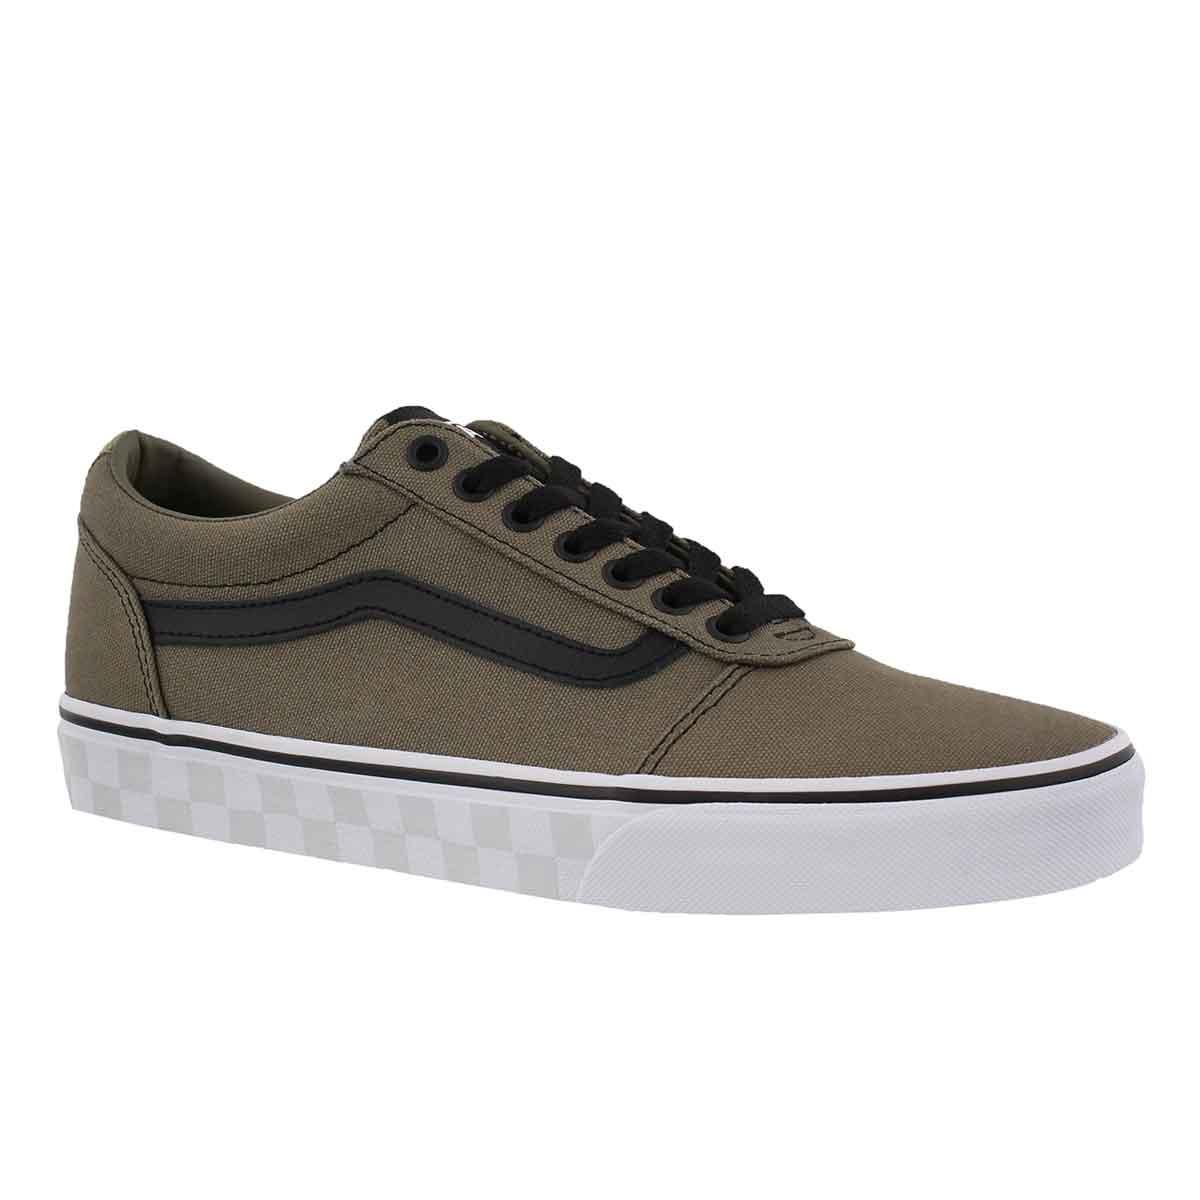 Men's WARD dusky grn/wht lace up sneakers